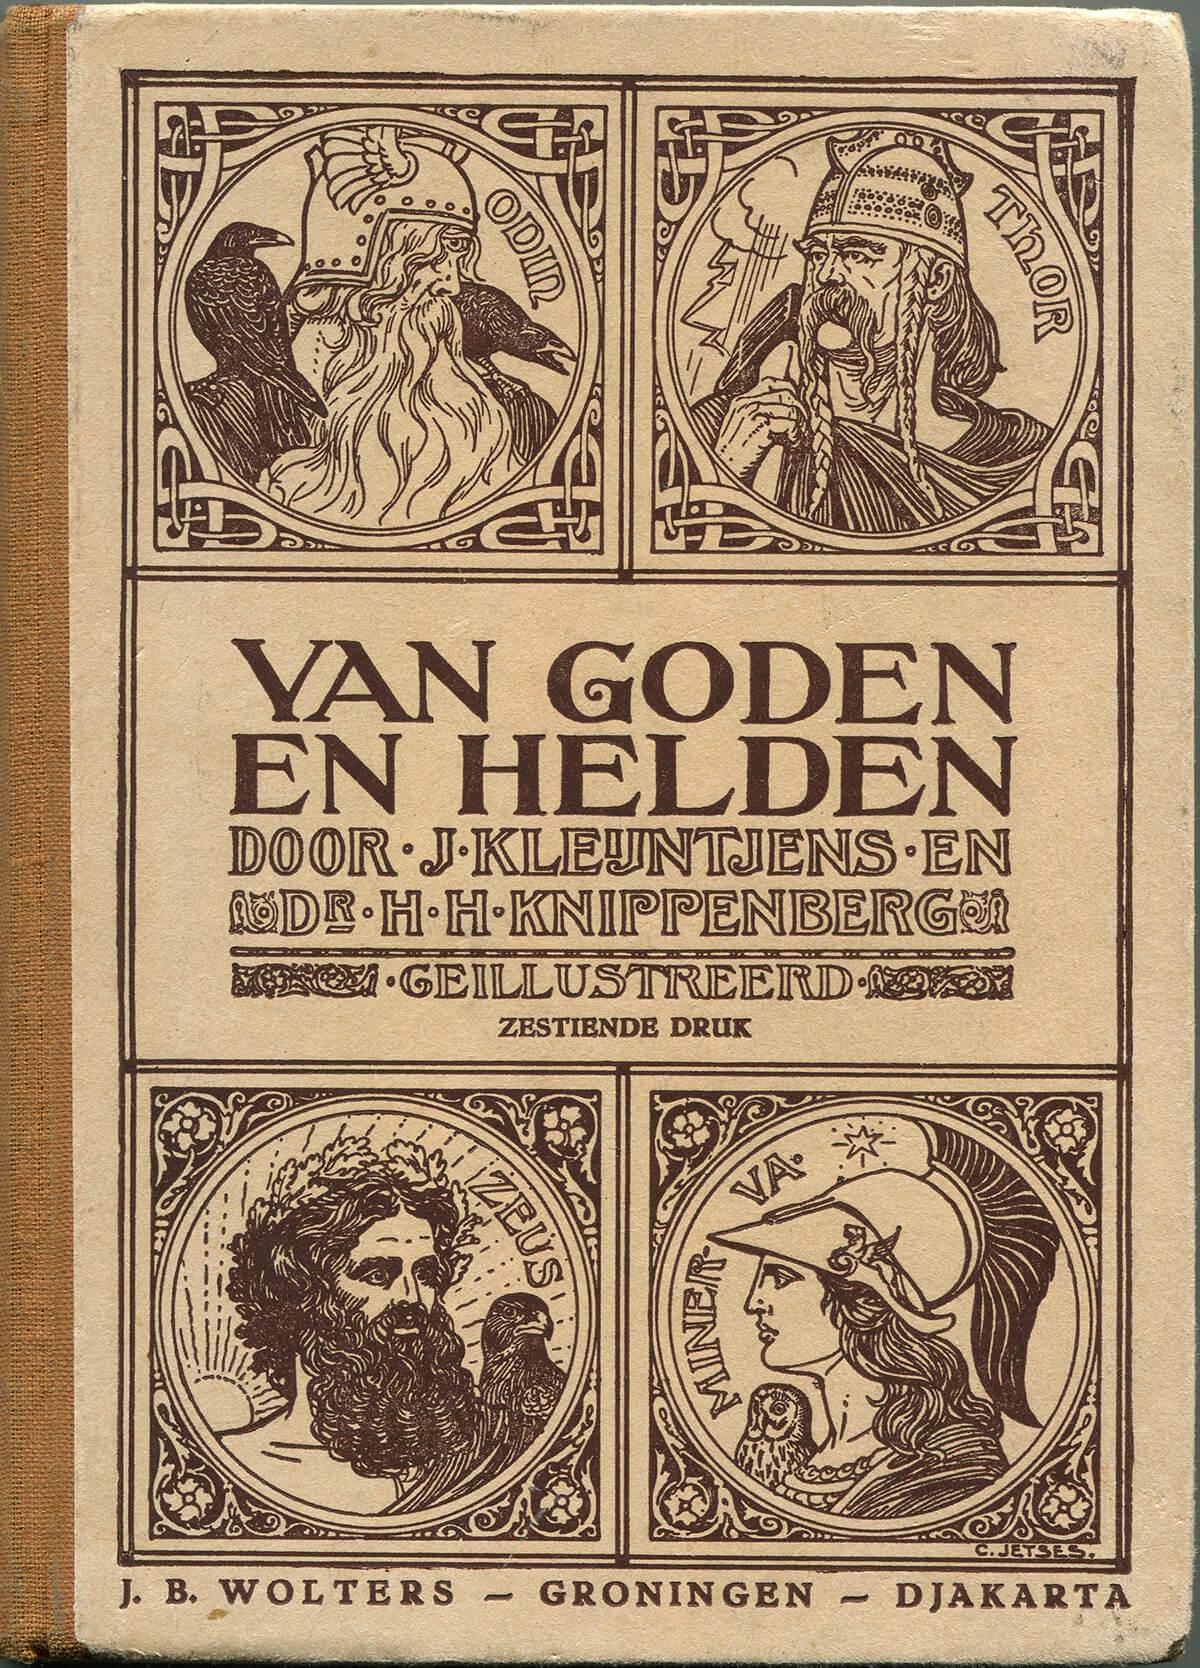 Van Goden en Helden, cover, 20 x 14.5 cm, book 324 pages, 2010